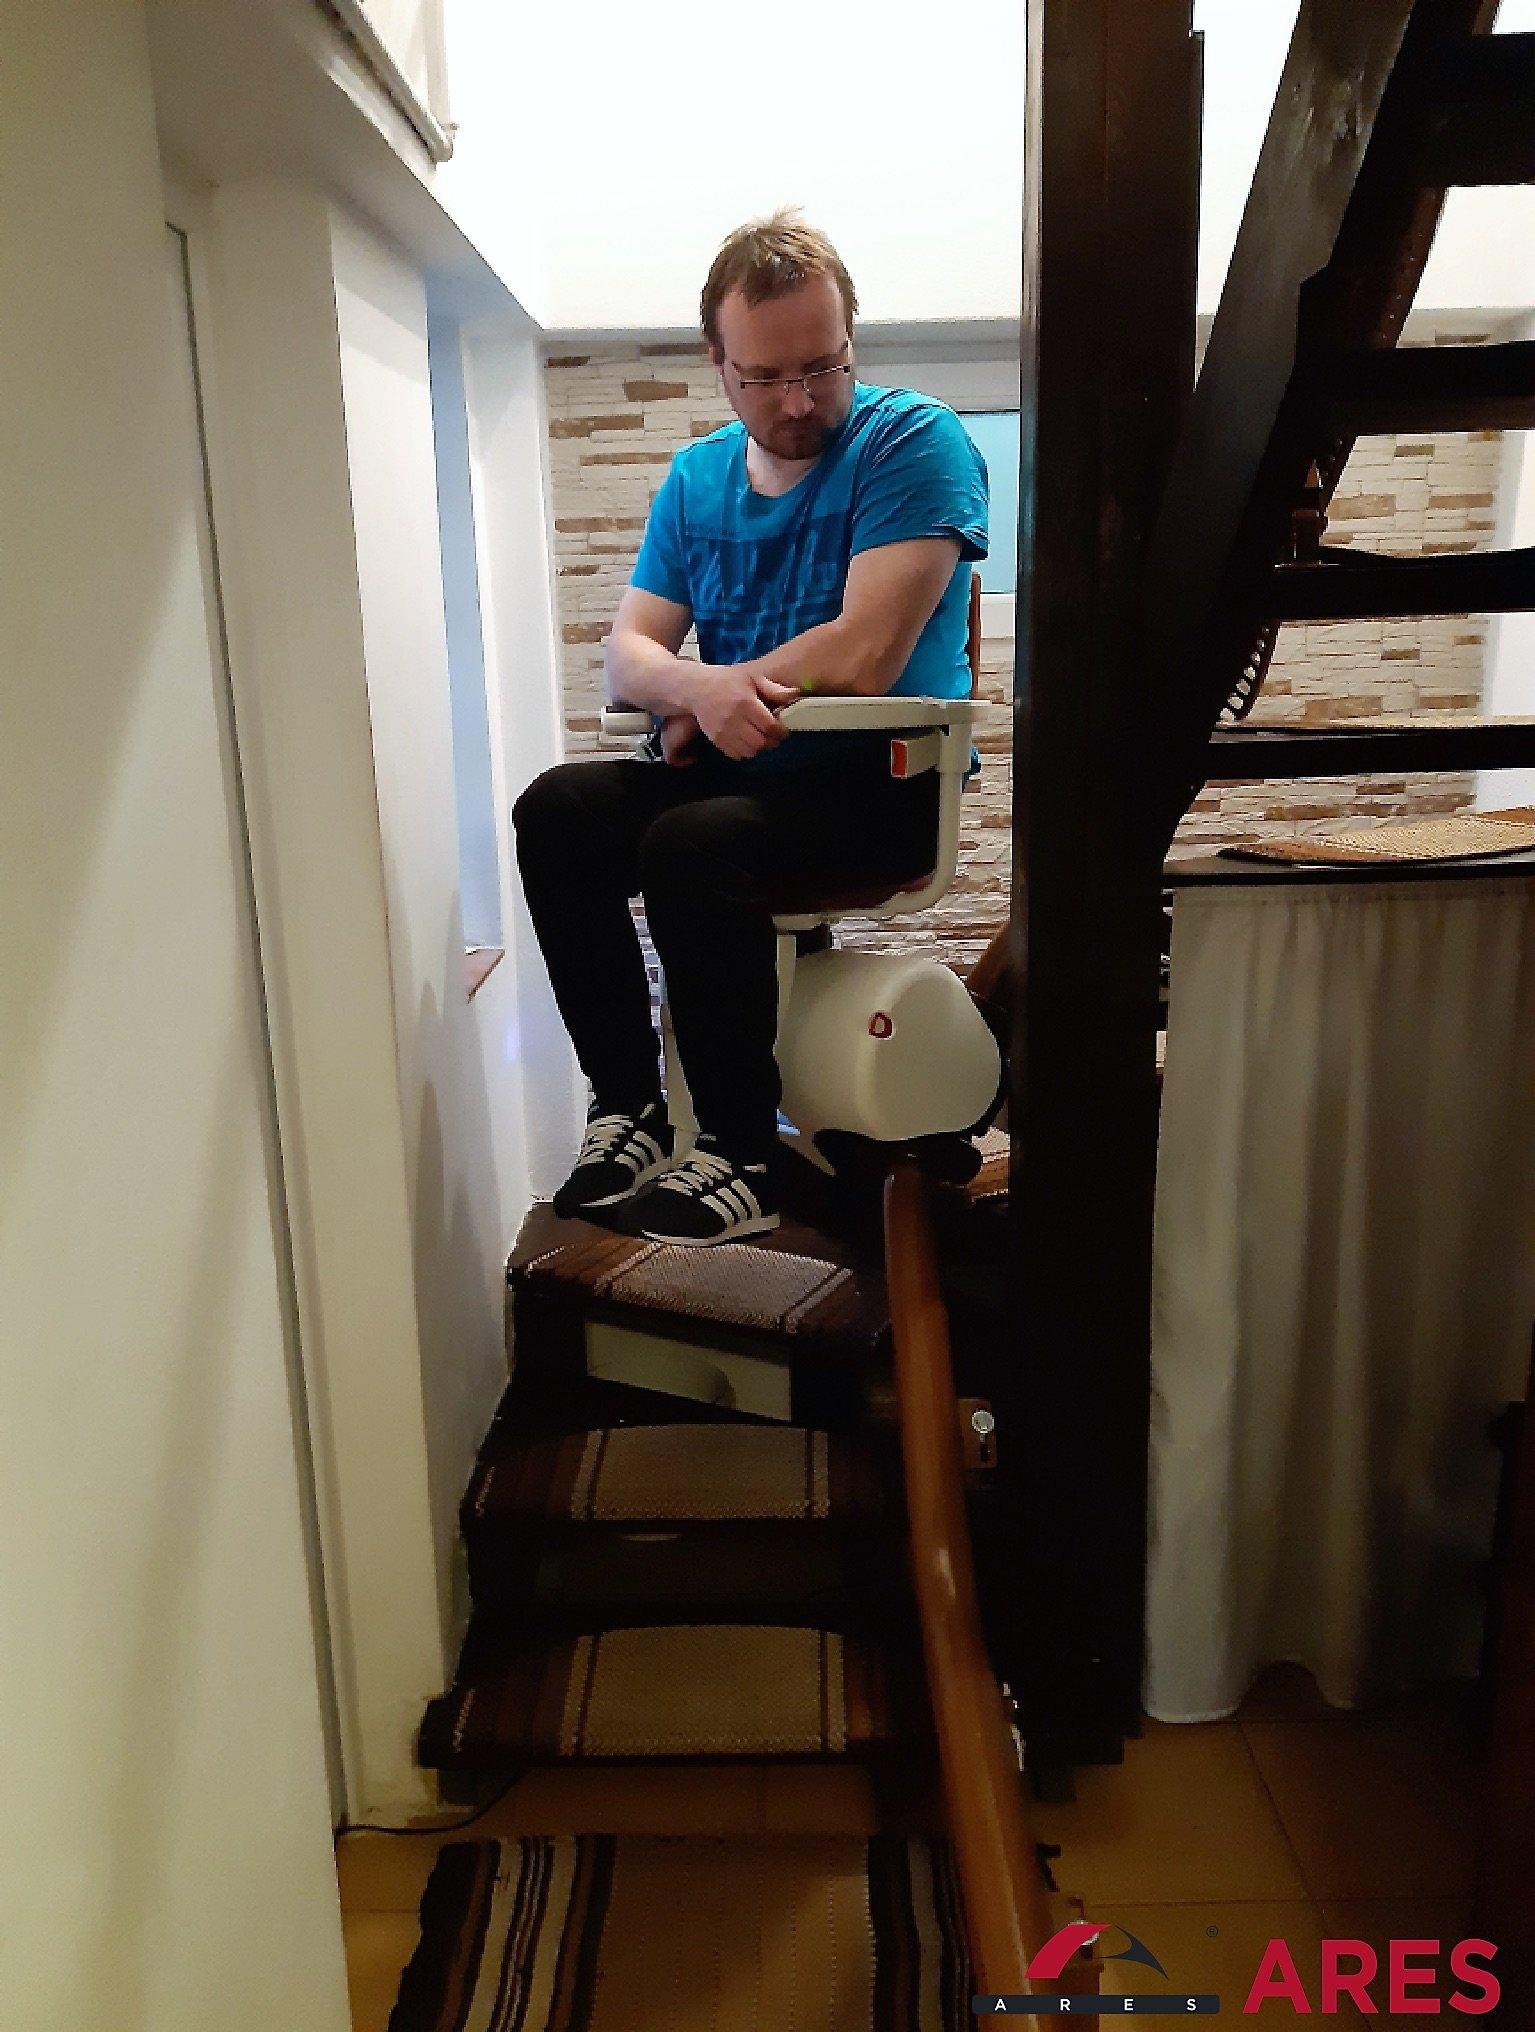 Klient sa vezie na svojom stoličkovom výťahu   ARES